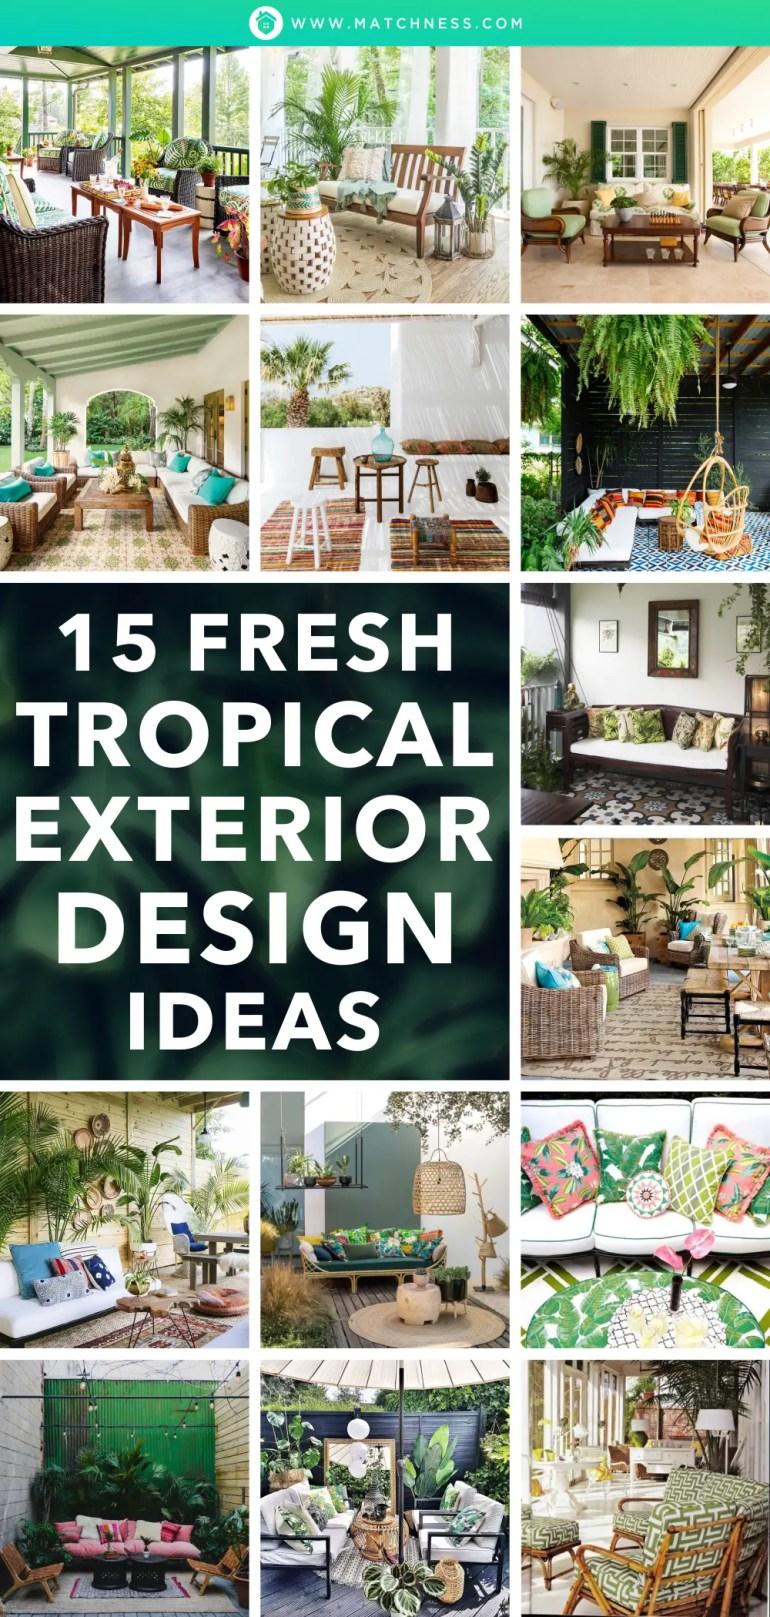 15-fresh-tropical-exterior-design-ideas1